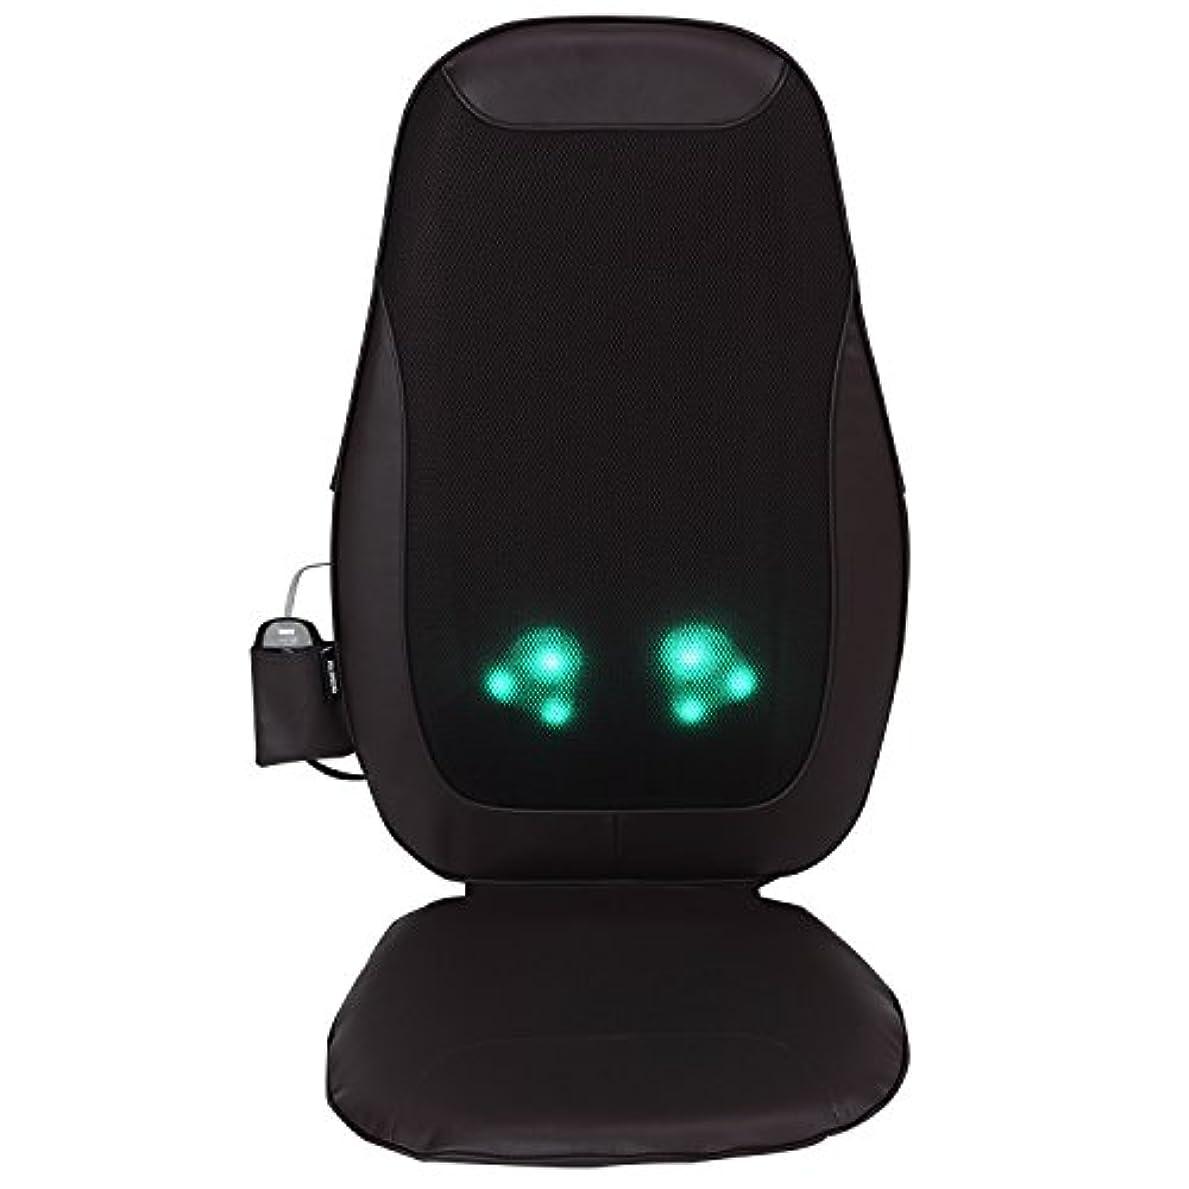 借りる視聴者かけるALINCO(アルインコ) シートマッサージャー ヒーター搭載 どこでもマッサージャー モミっくす Re?フレッシュ MCR2216(T)